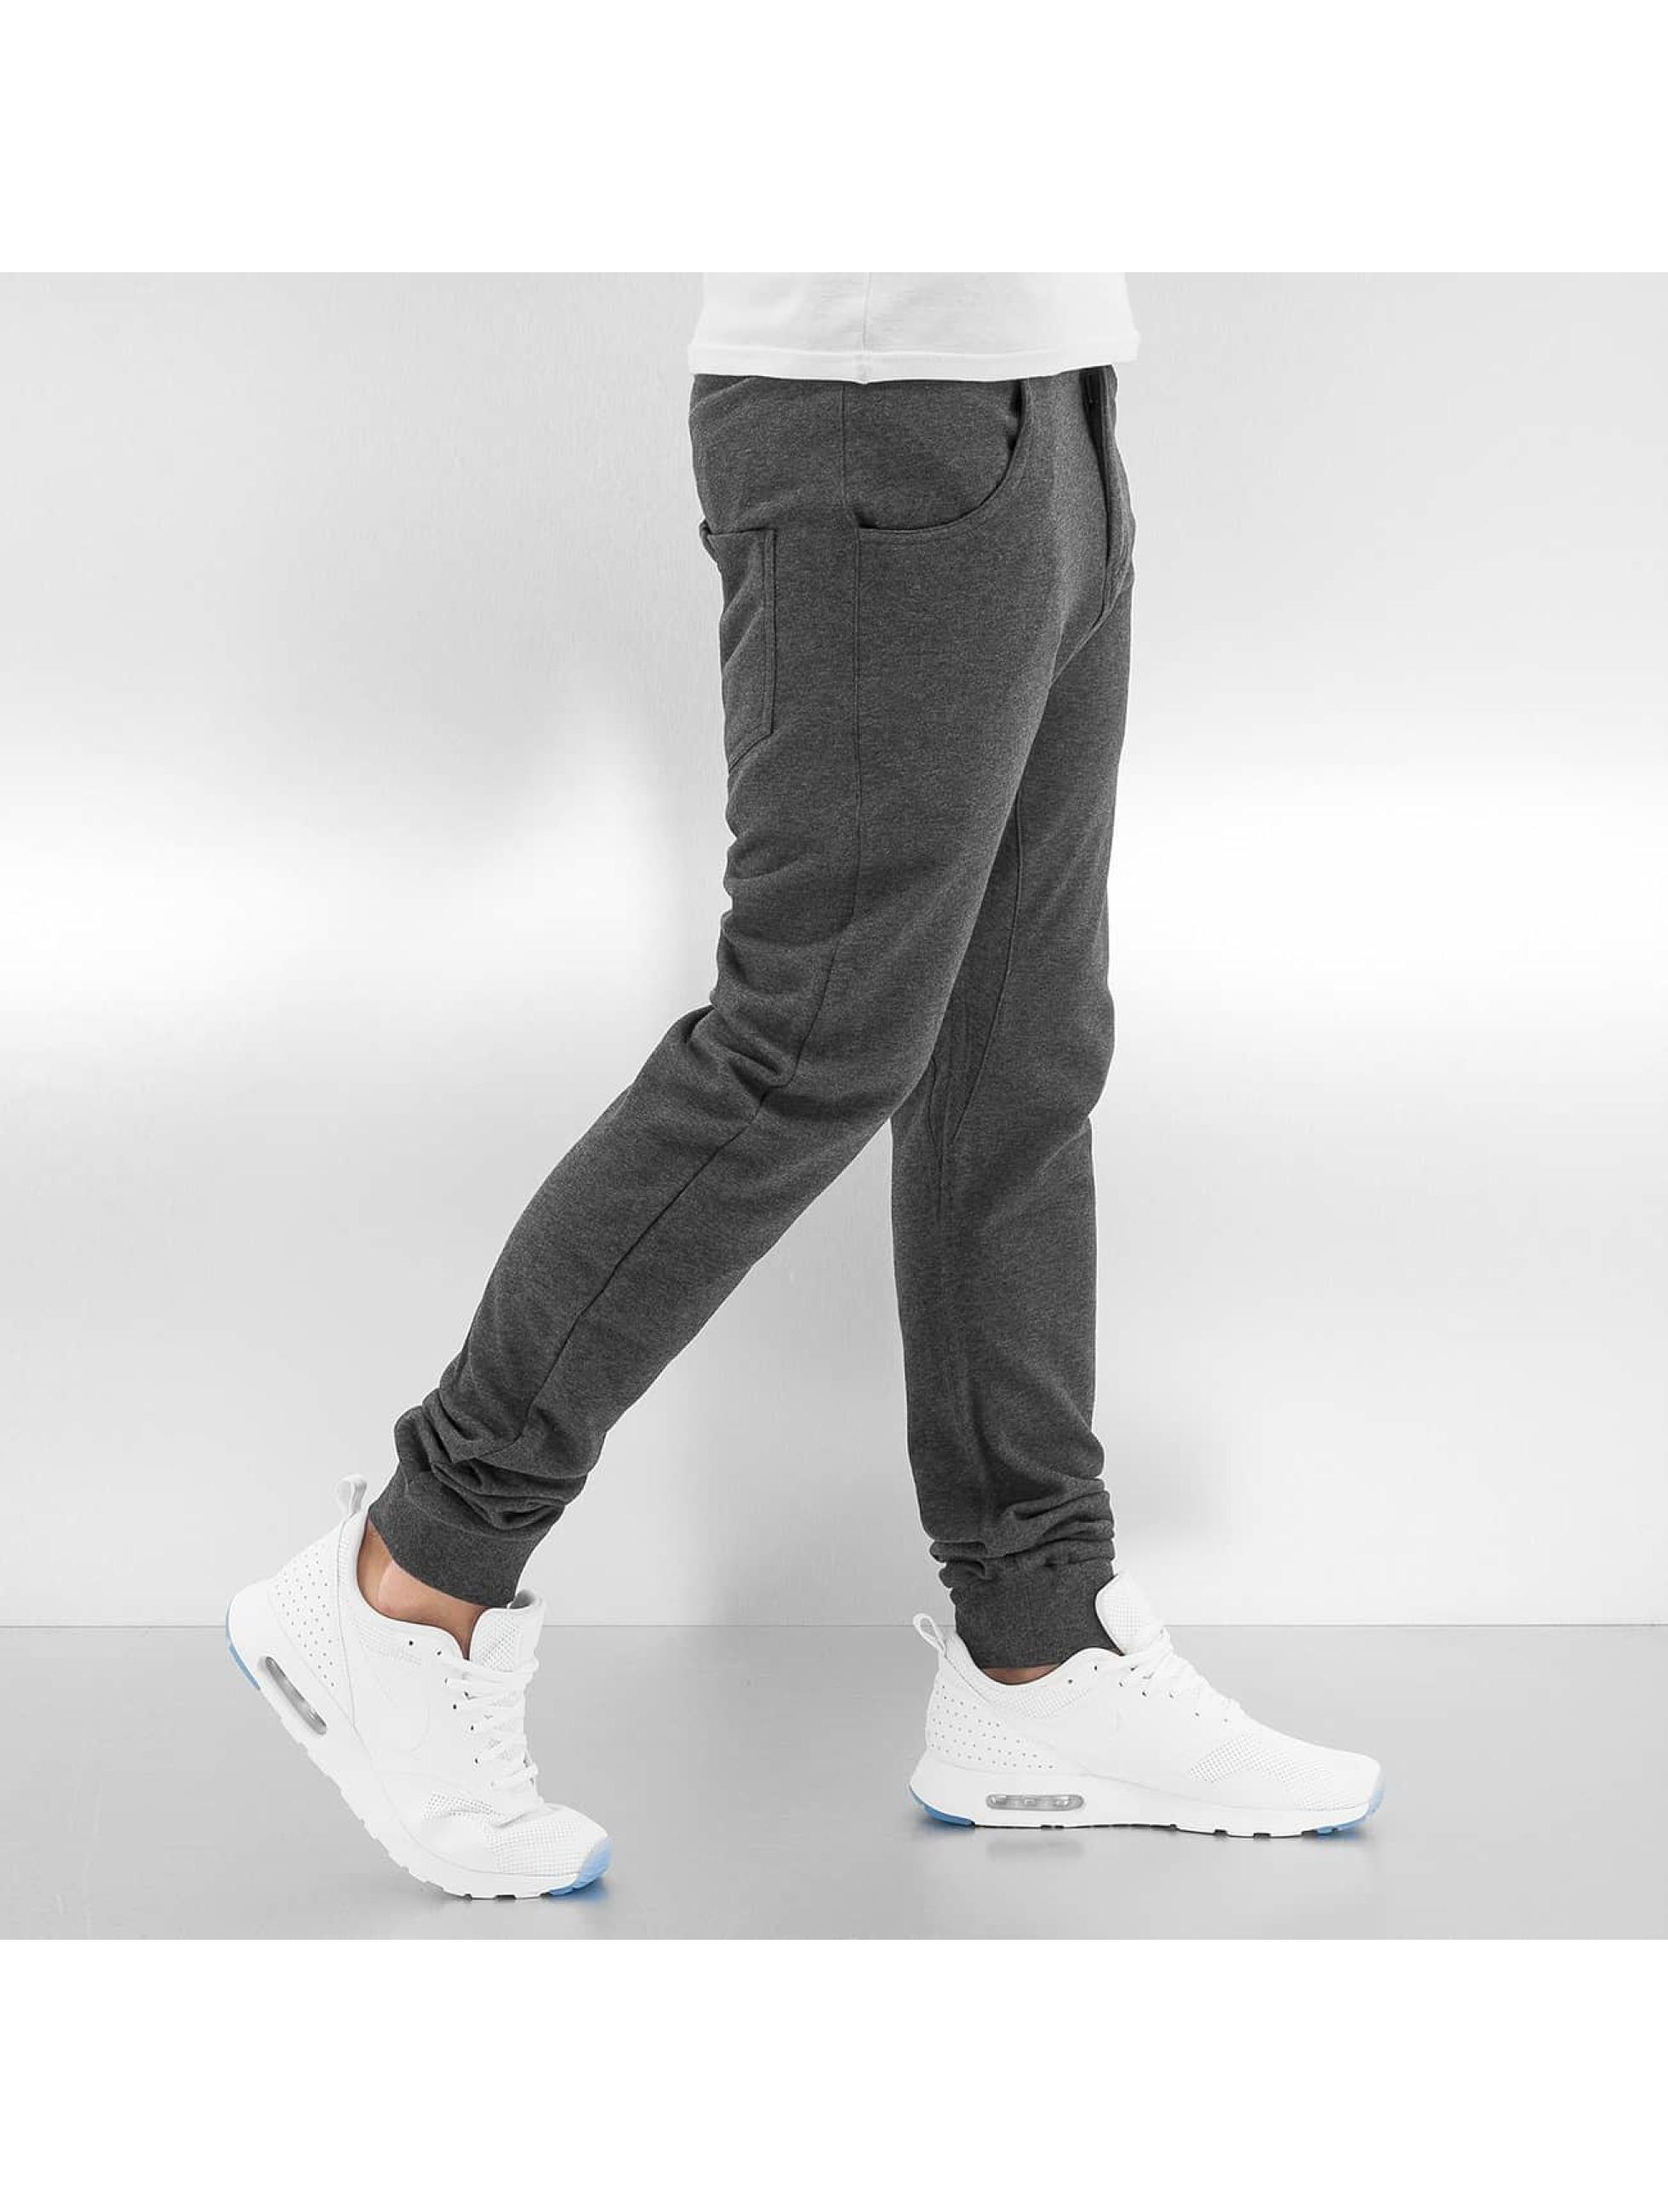 Urban Classics joggingbroek CurvedClassic grijs